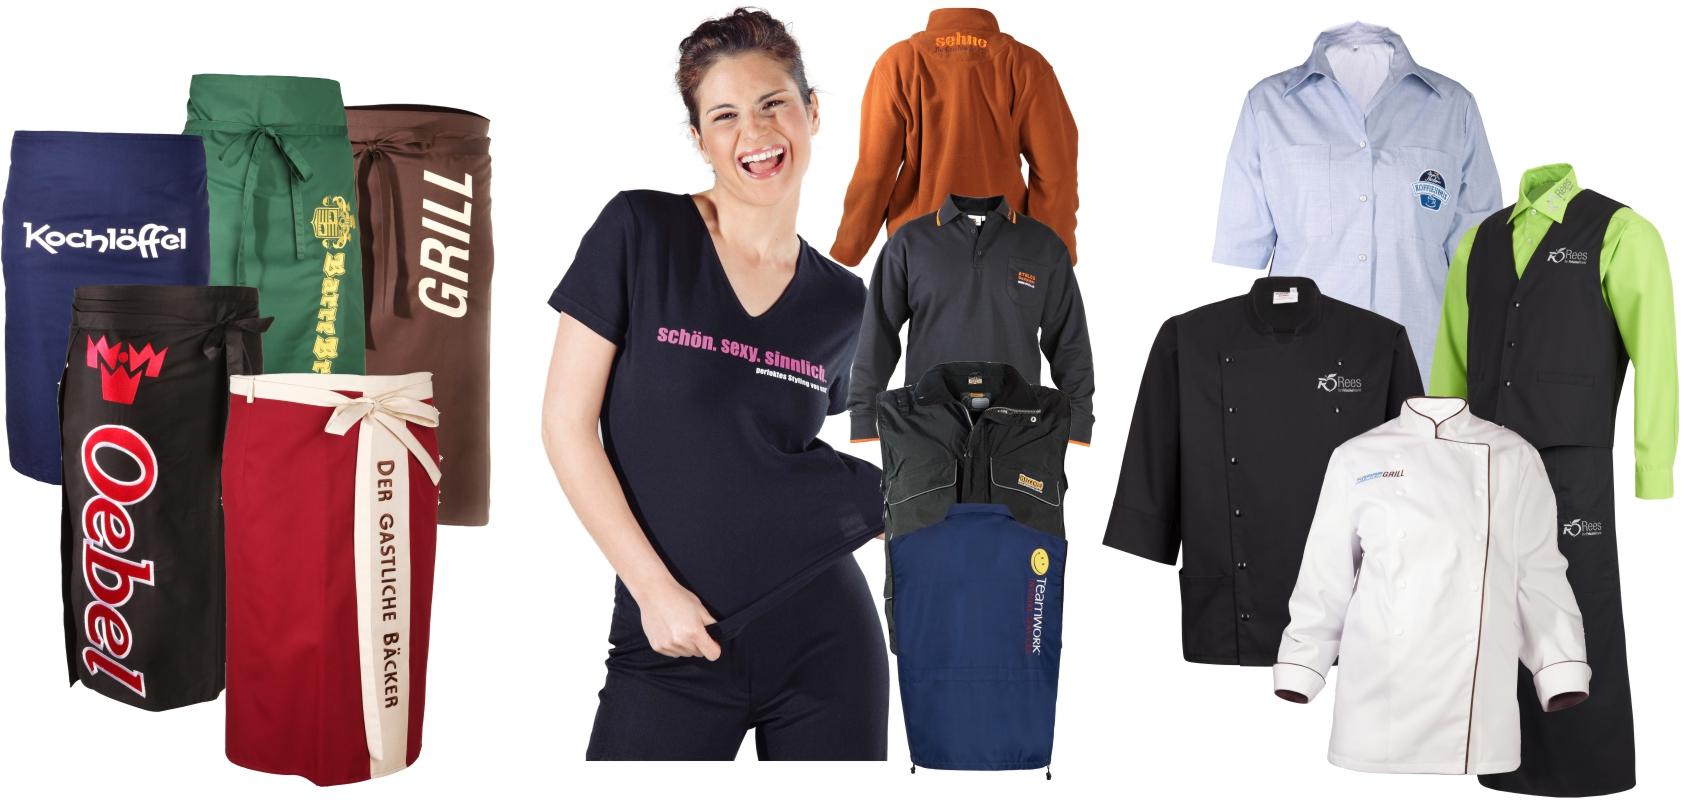 Arbeitsbekeidung und Berufsbekleidung mit Logo und Bestickung